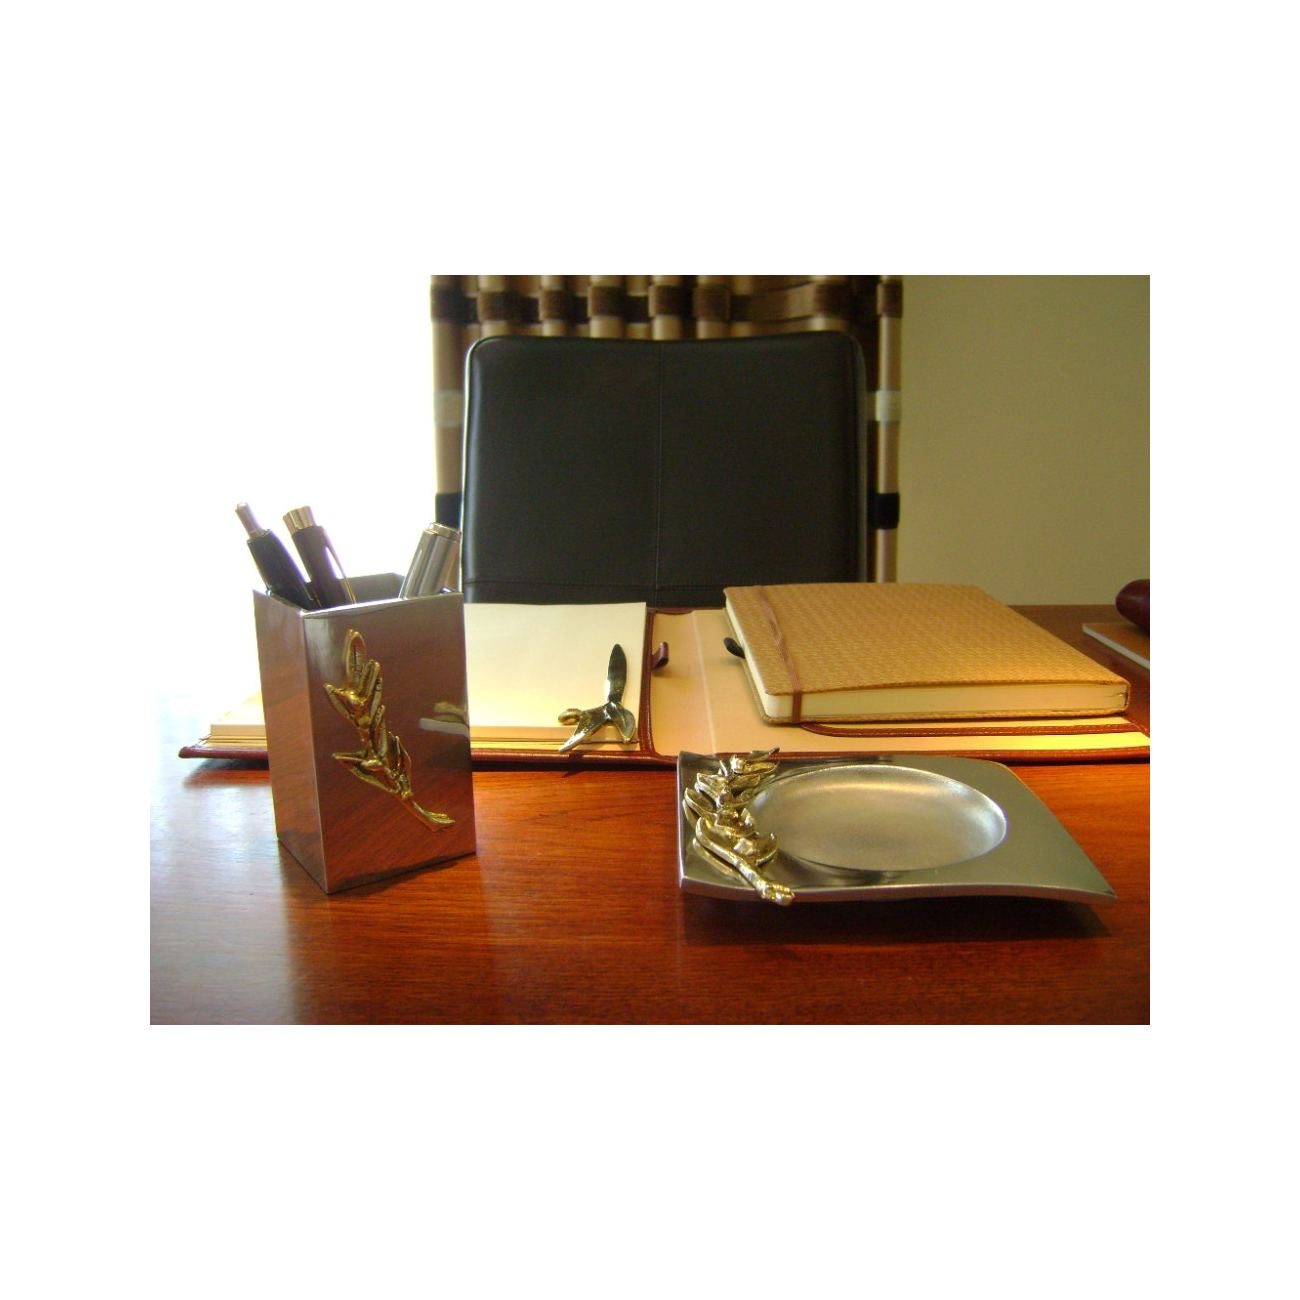 Pen Holder Or Pencil Handmade Solid Metal Desk Accessory Olive Branch Design